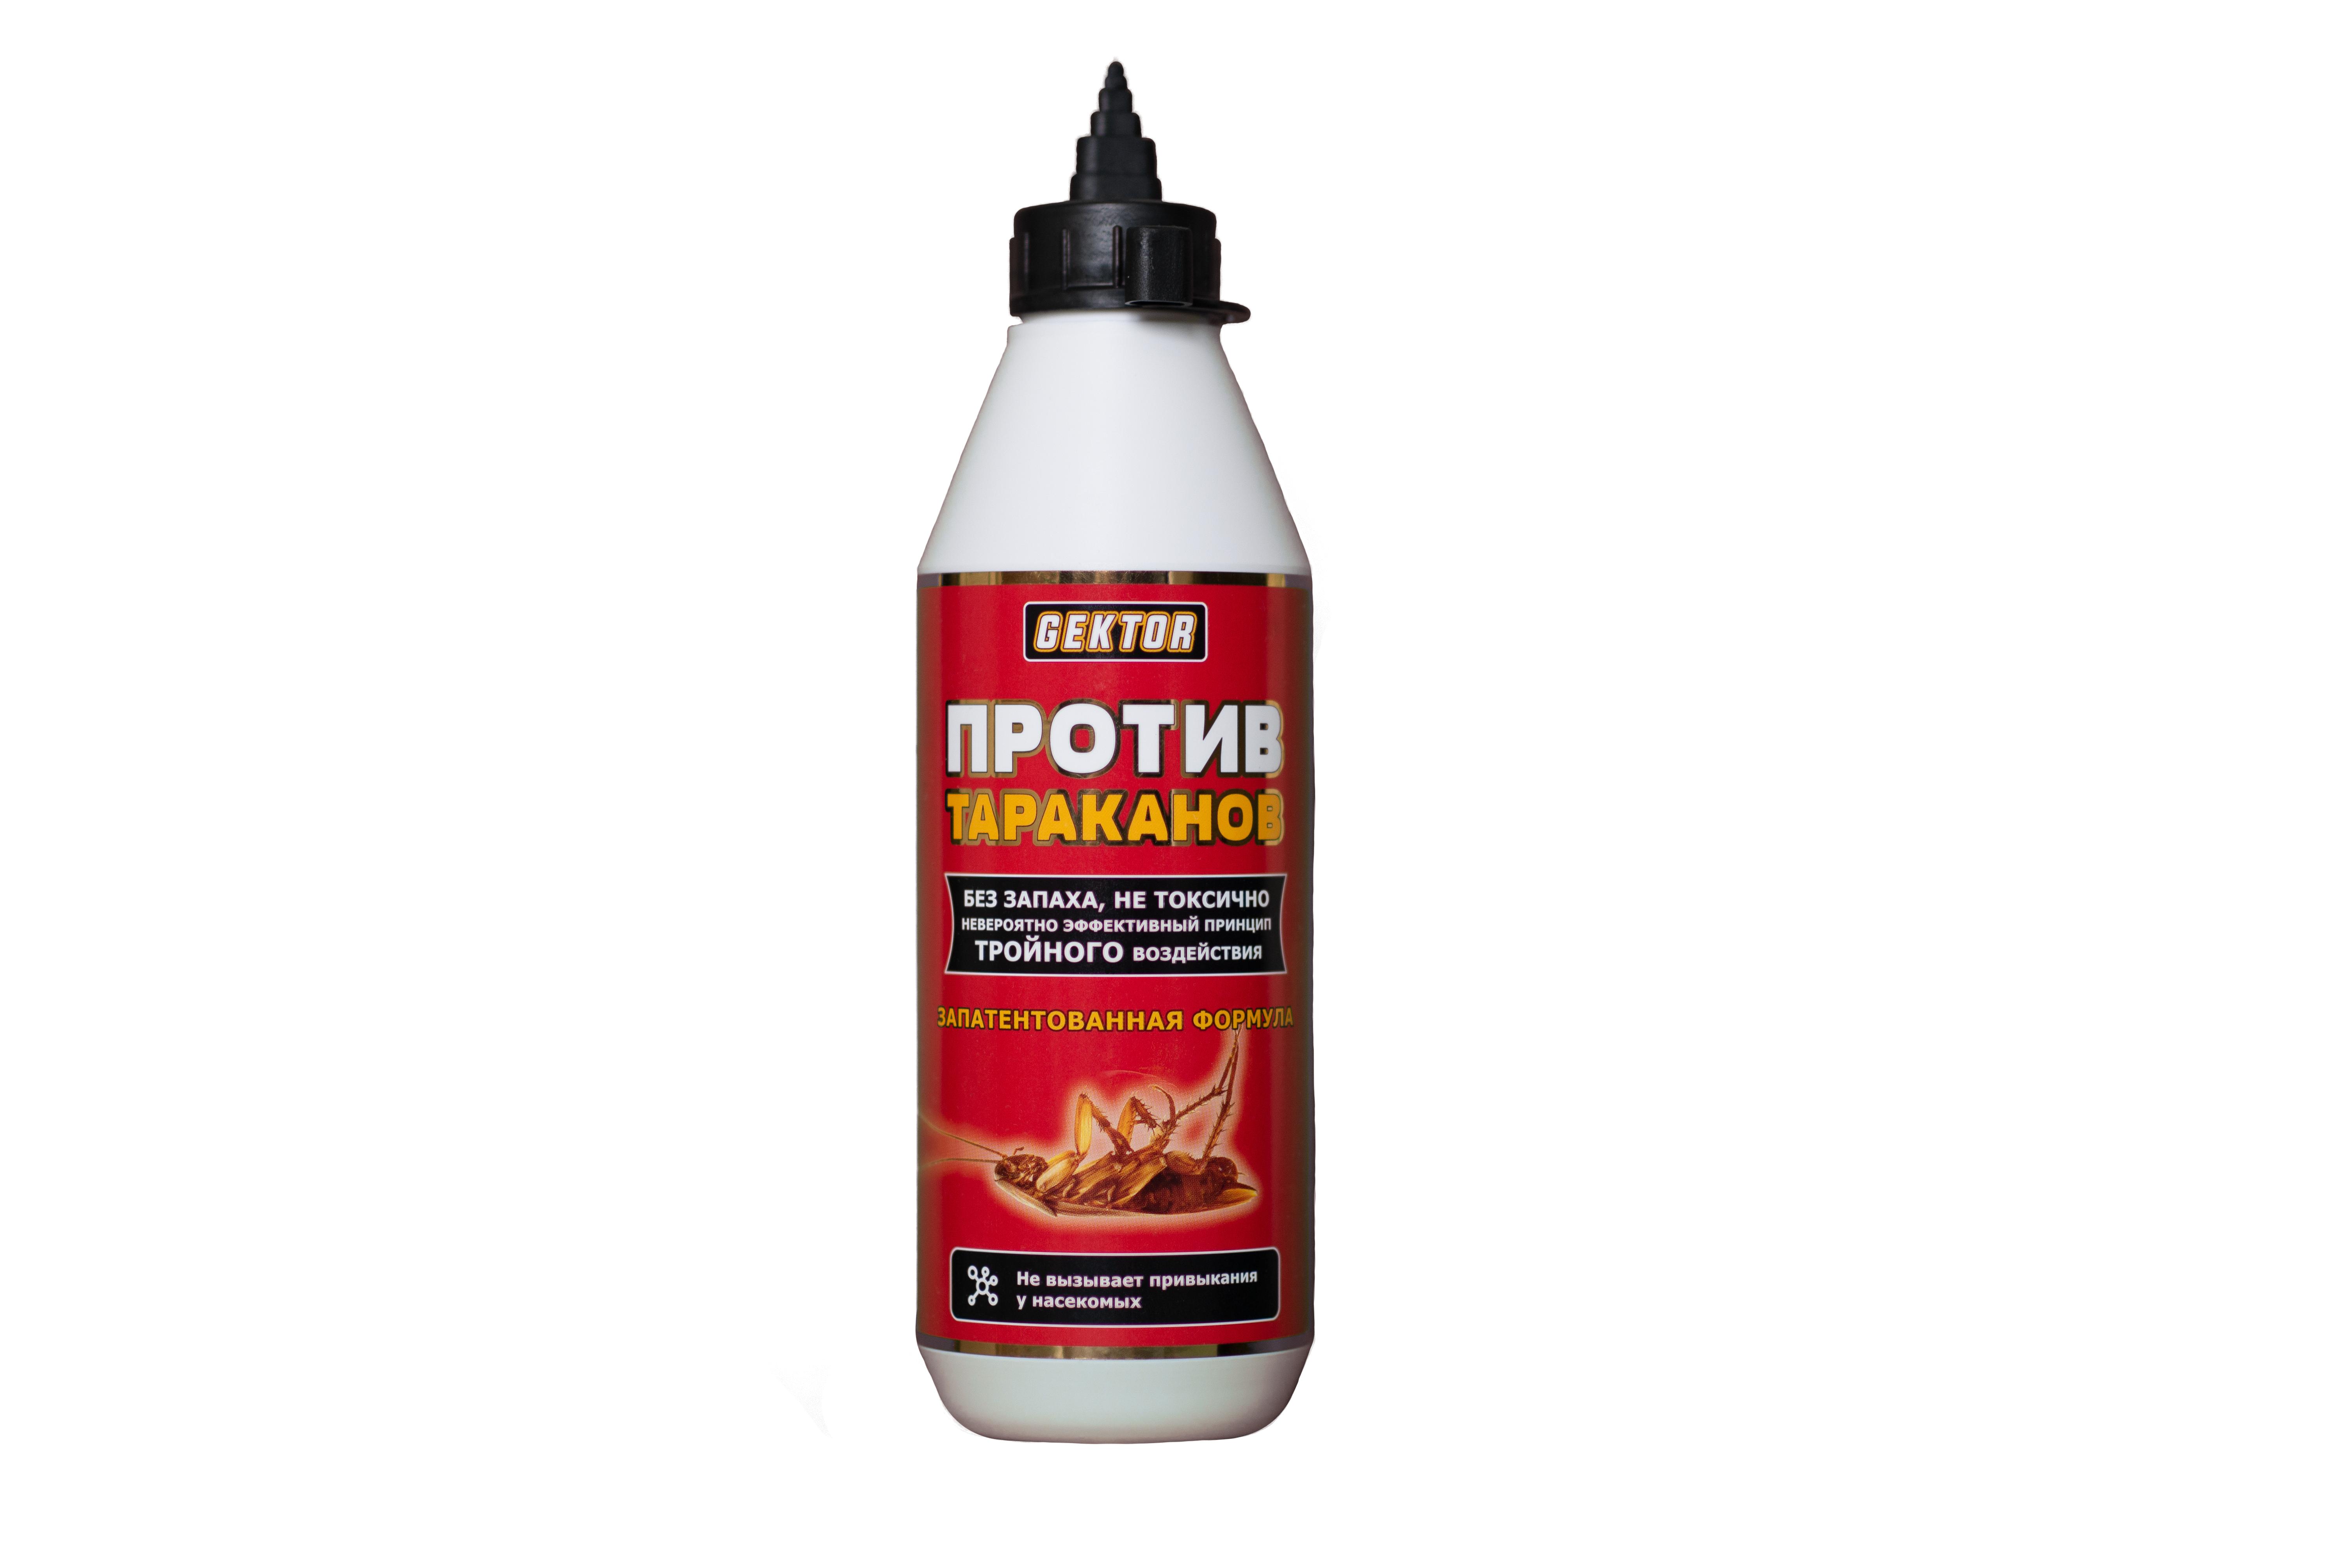 Гель от тараканов – Самое эффективное средство